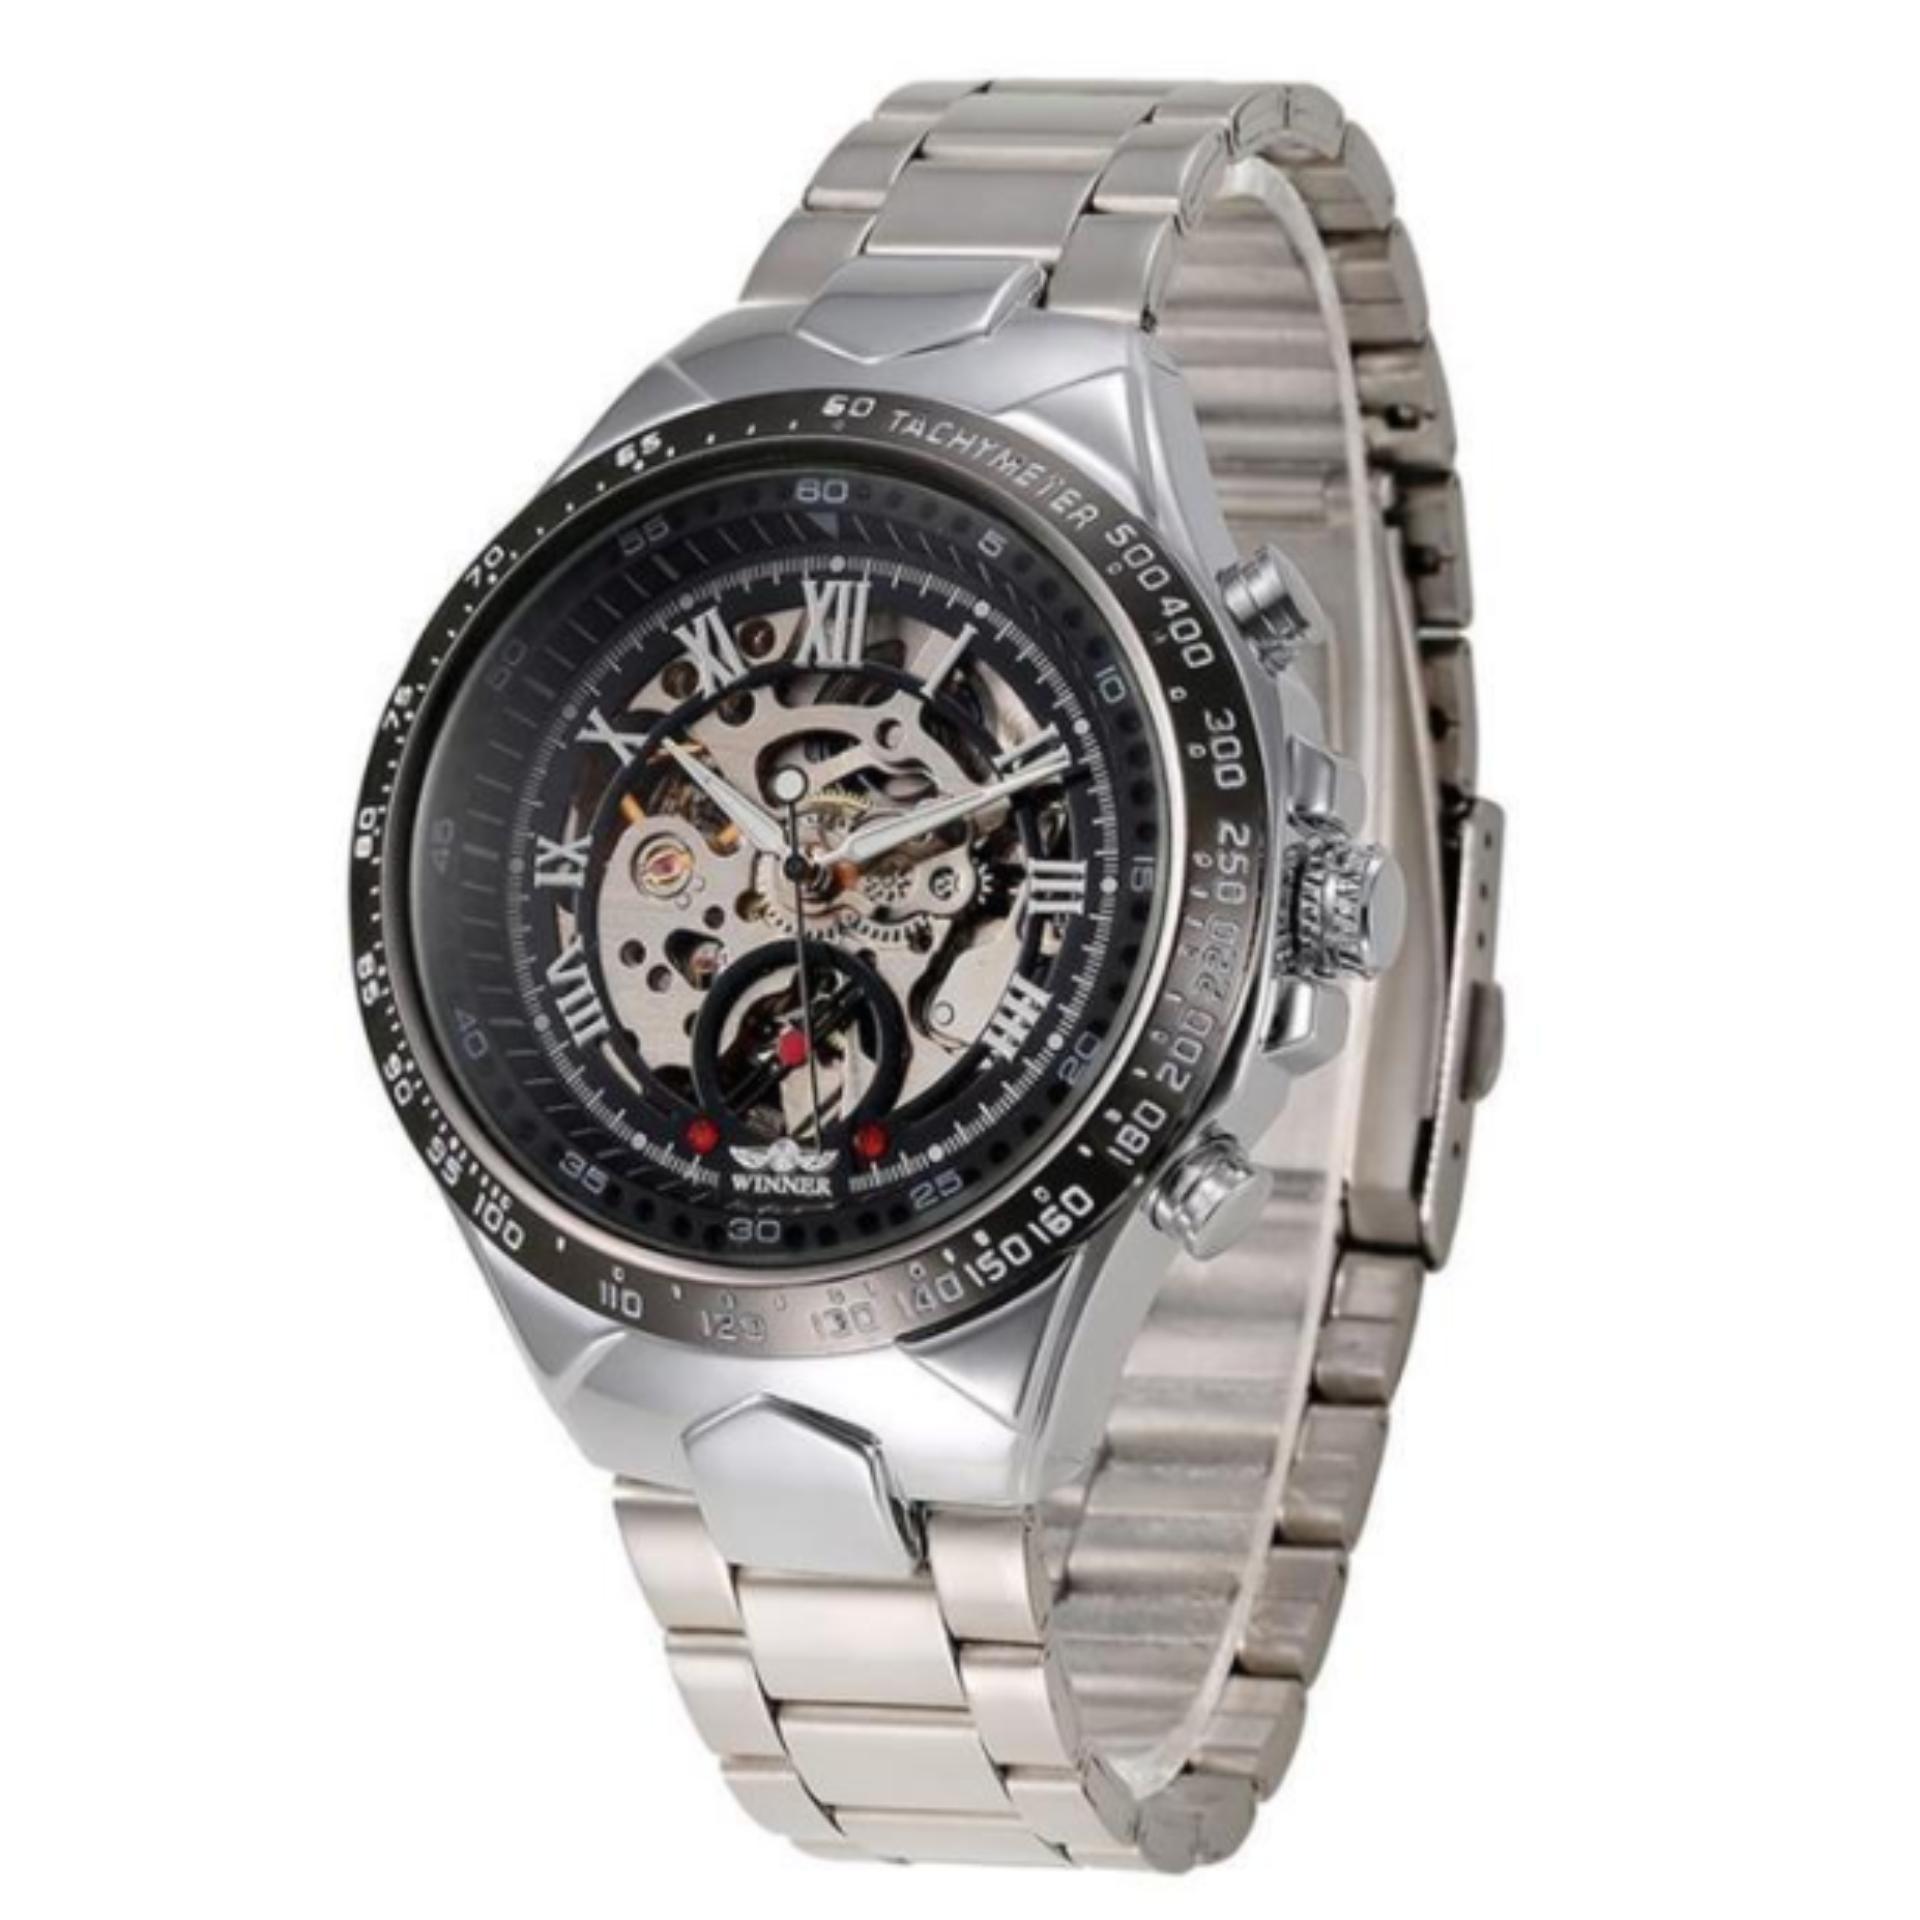 Đồng hồ nam Winner TM340 cơ lộ máy dây thép không gỉ (Đen)